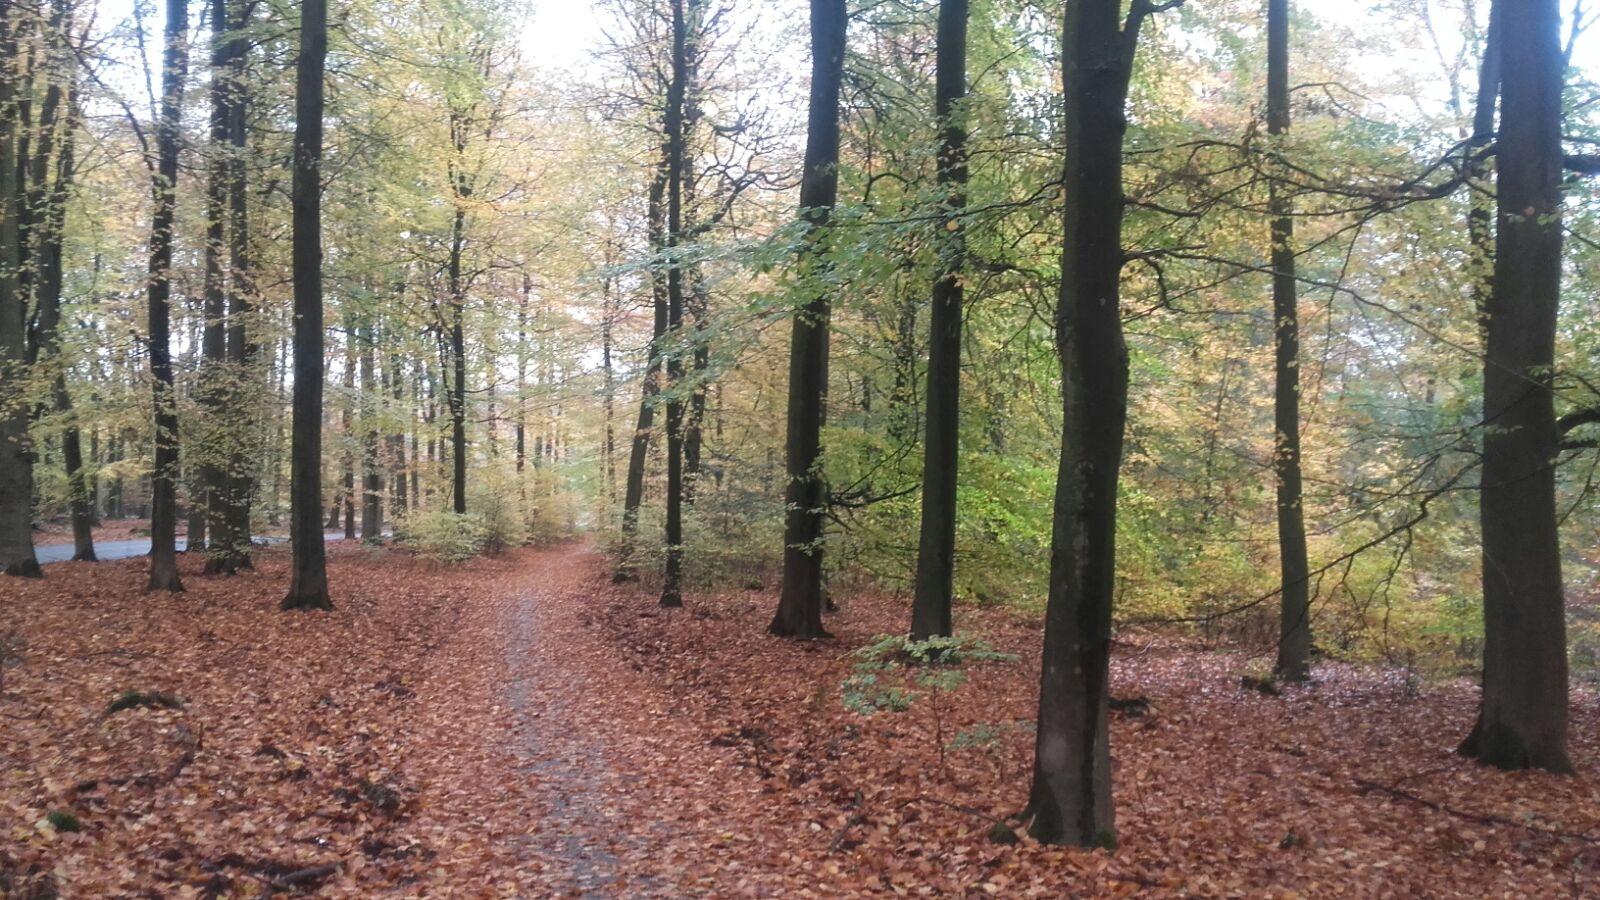 pad van gortel naar vierhouten